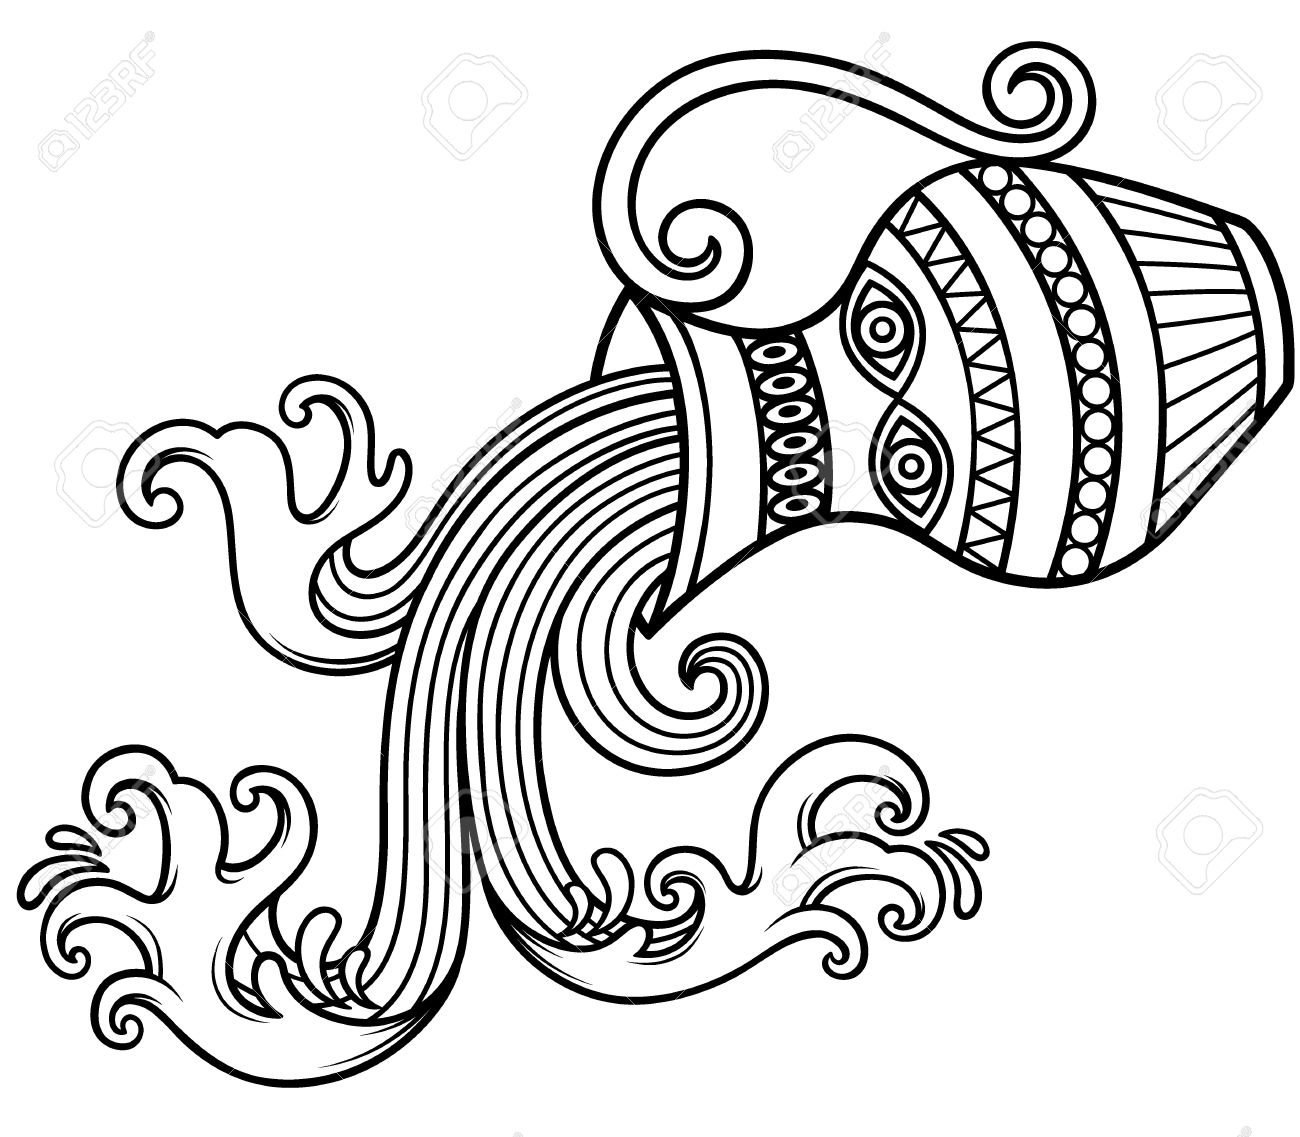 Aquarius (Astrology) coloring #10, Download drawings